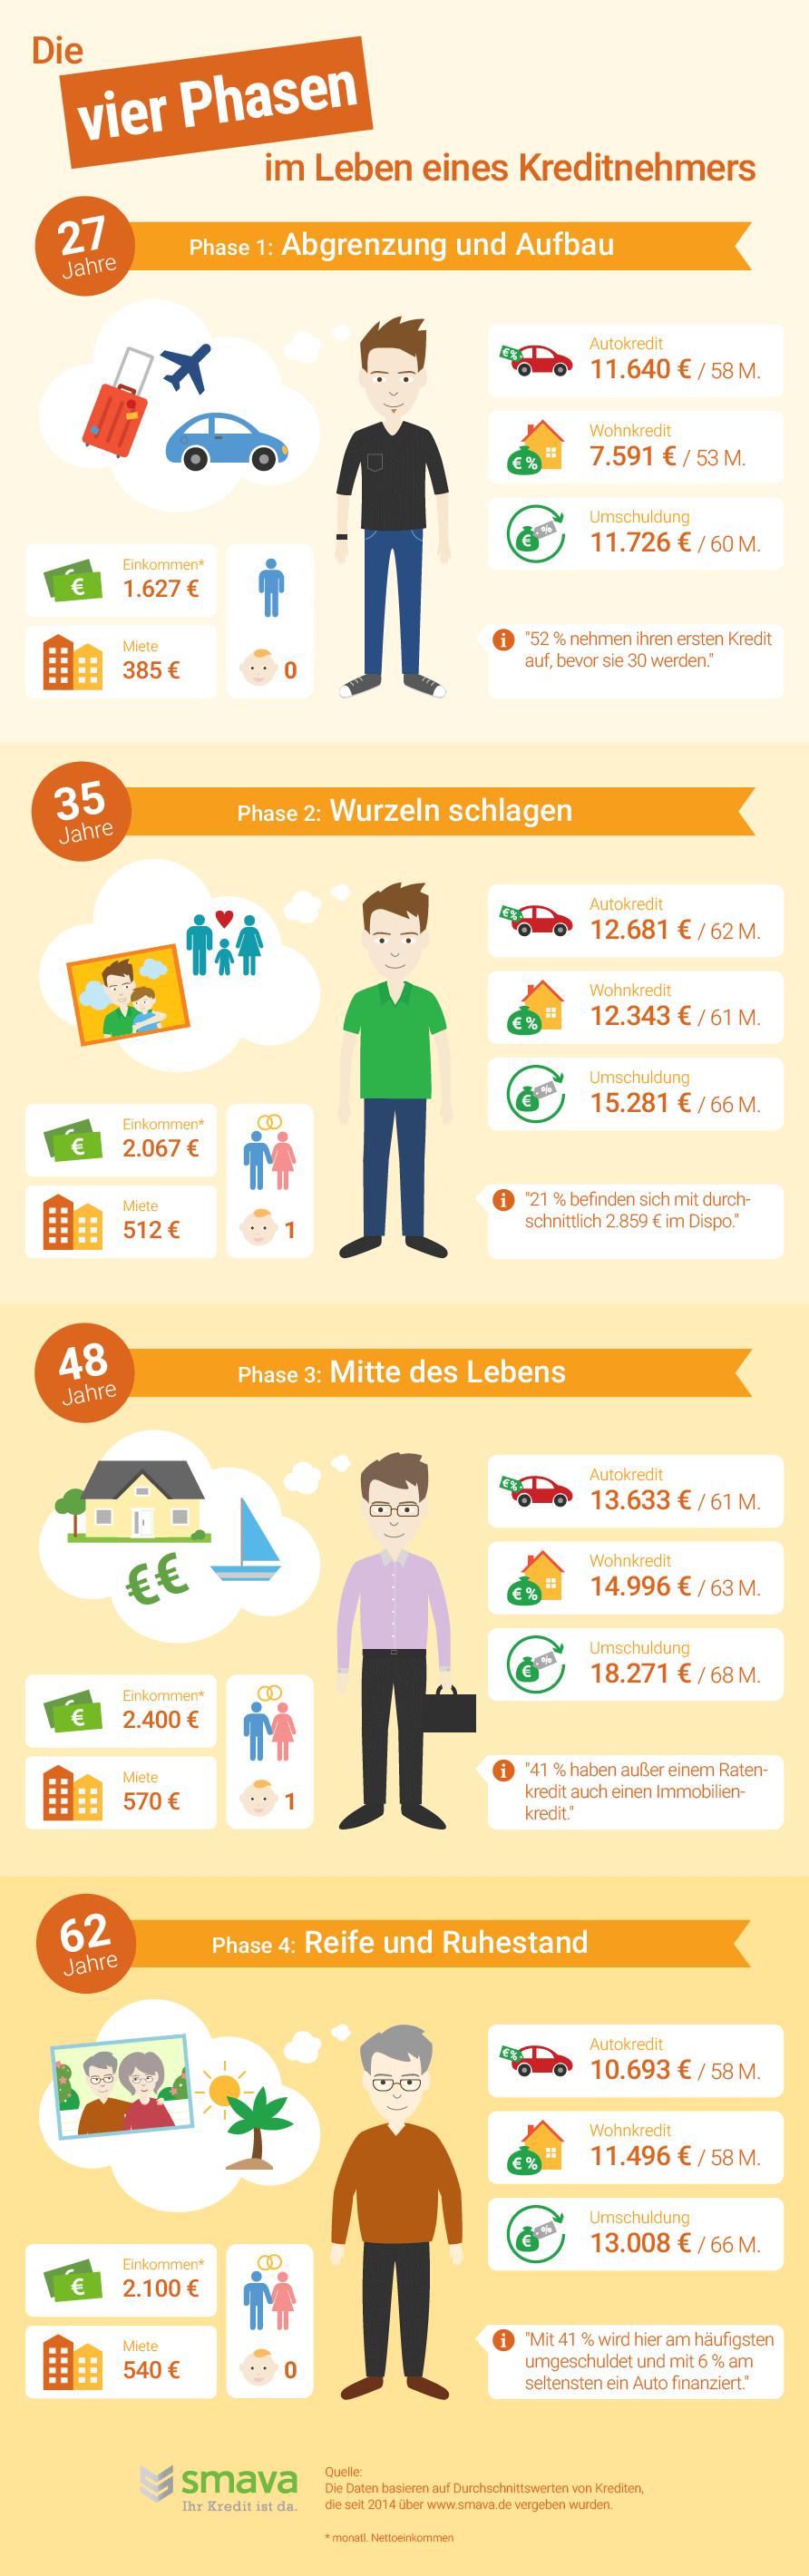 Kreditvergabe Deutschland